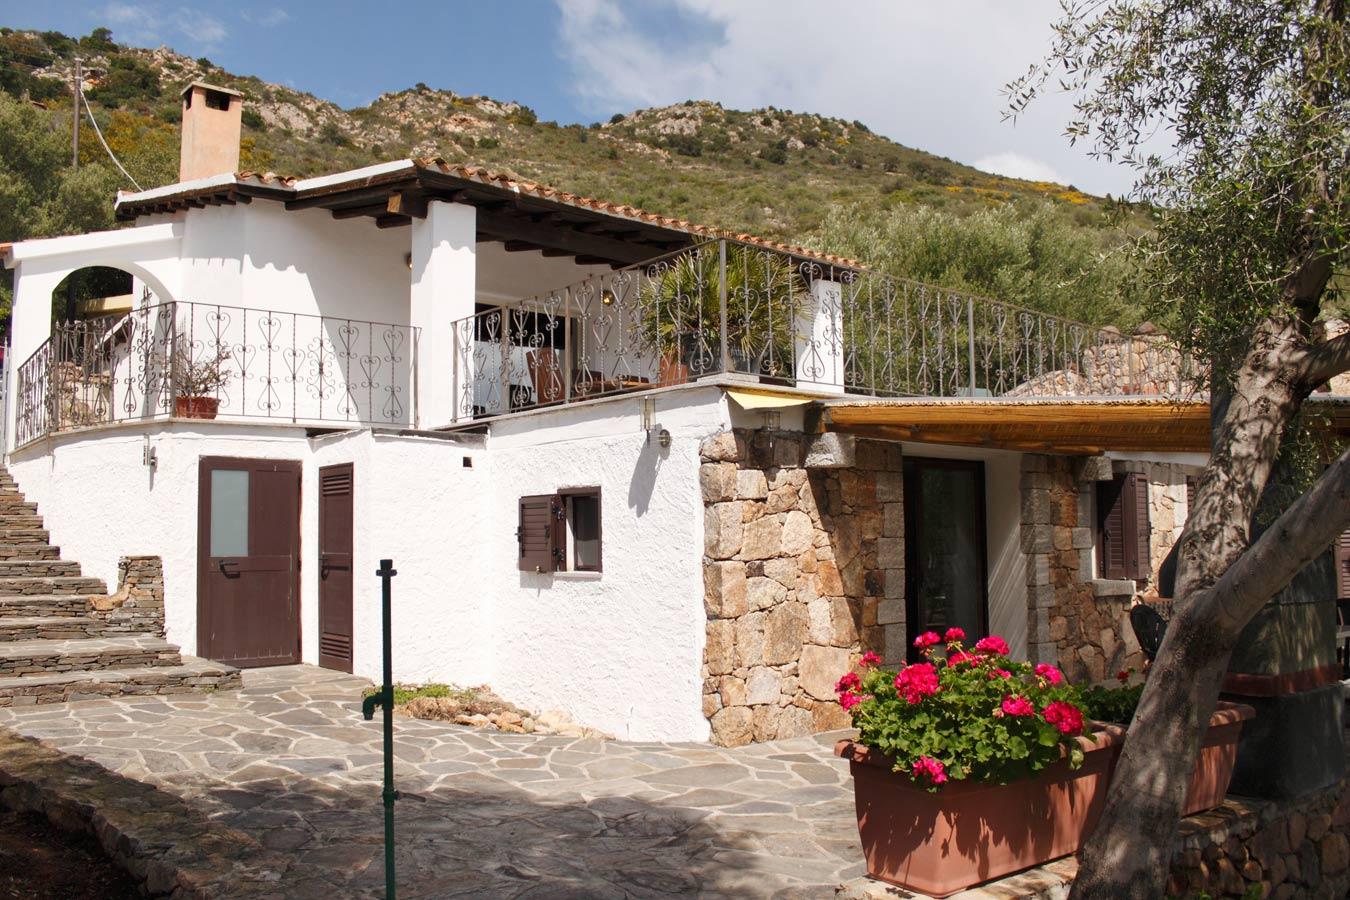 Sardinien alleinstehendes ferienhaus sa isuledda 2000 m for Haus sardinien